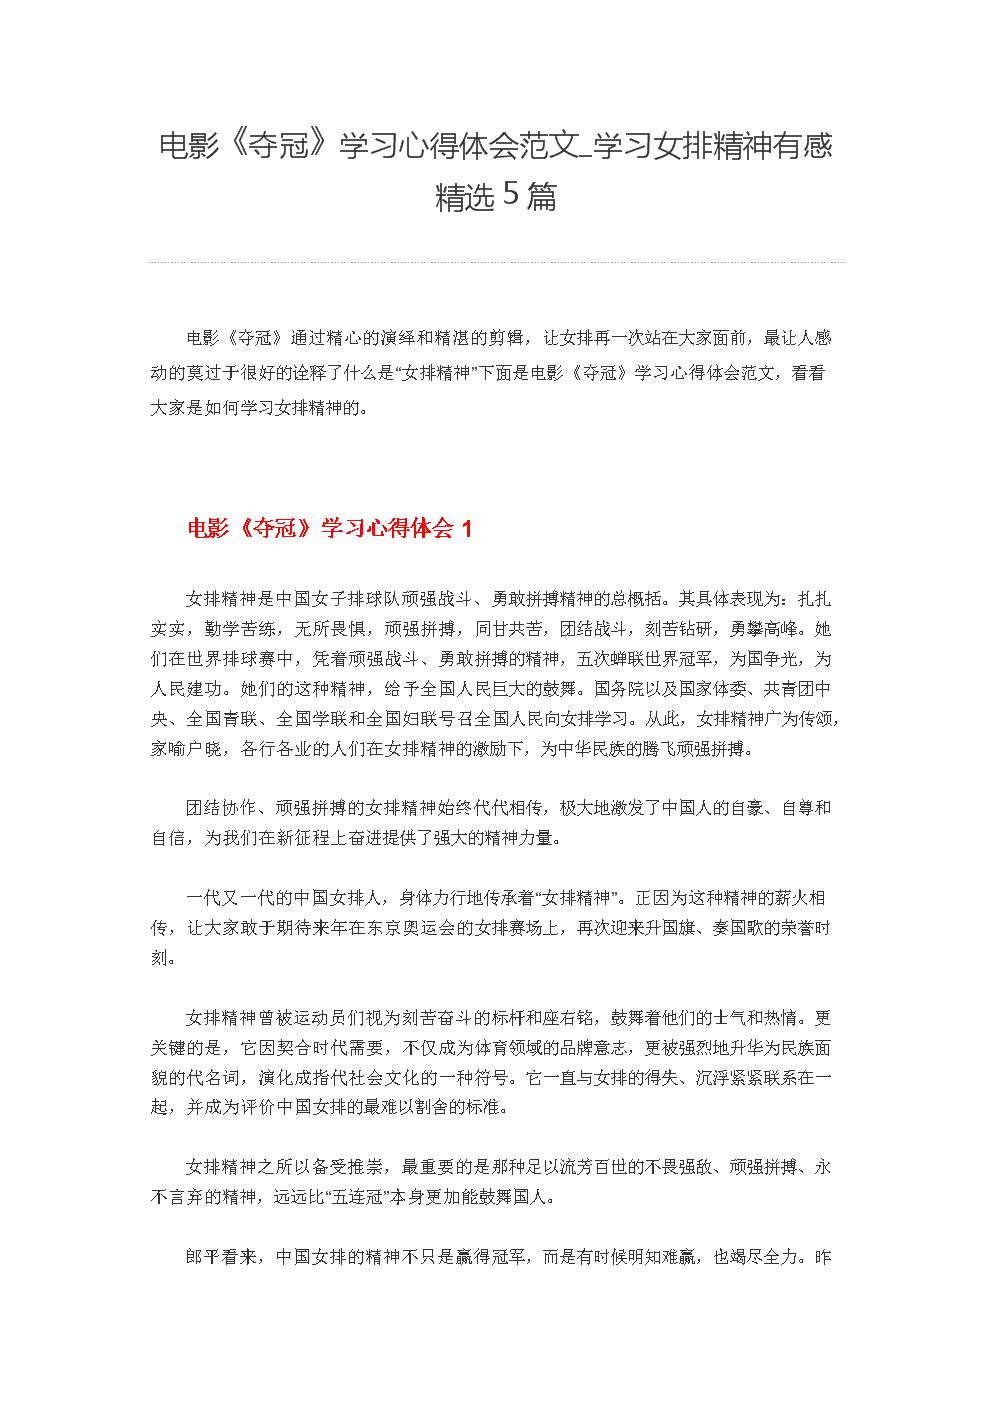 电影《夺冠》学习心得体会范文_学习女排精神有感精选5篇.docx